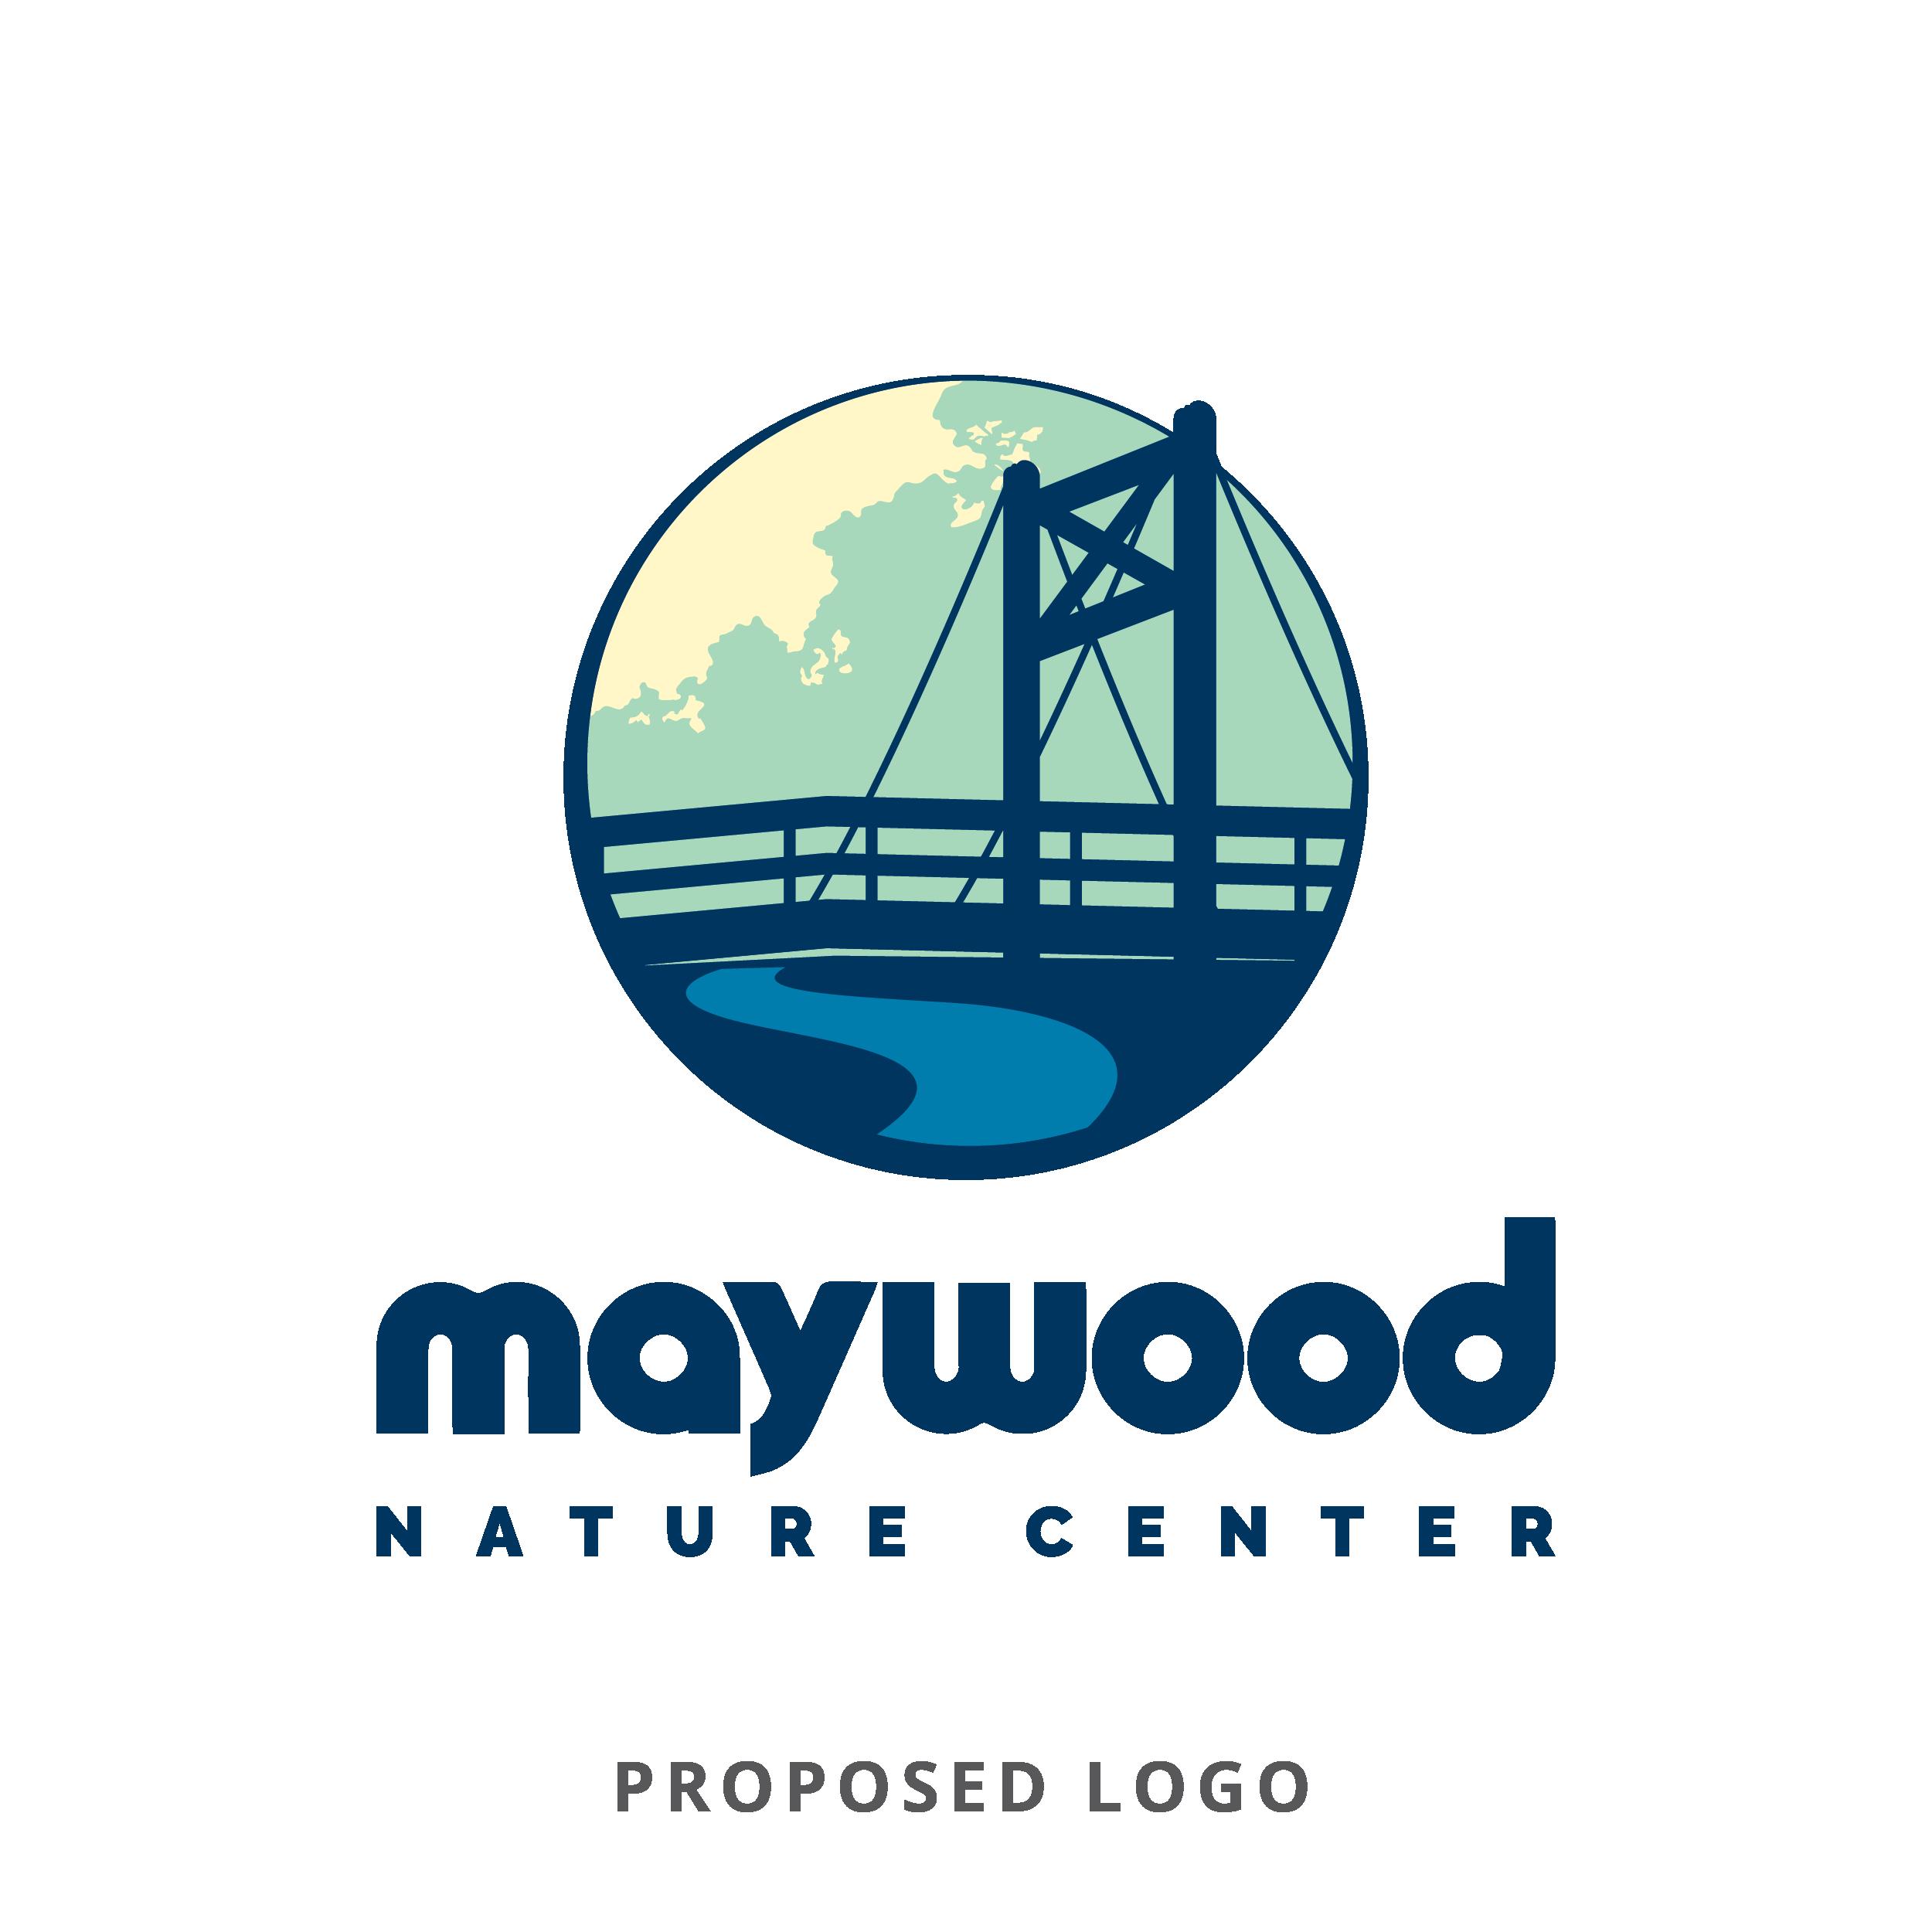 Maywood Nature Center Proposed Logo